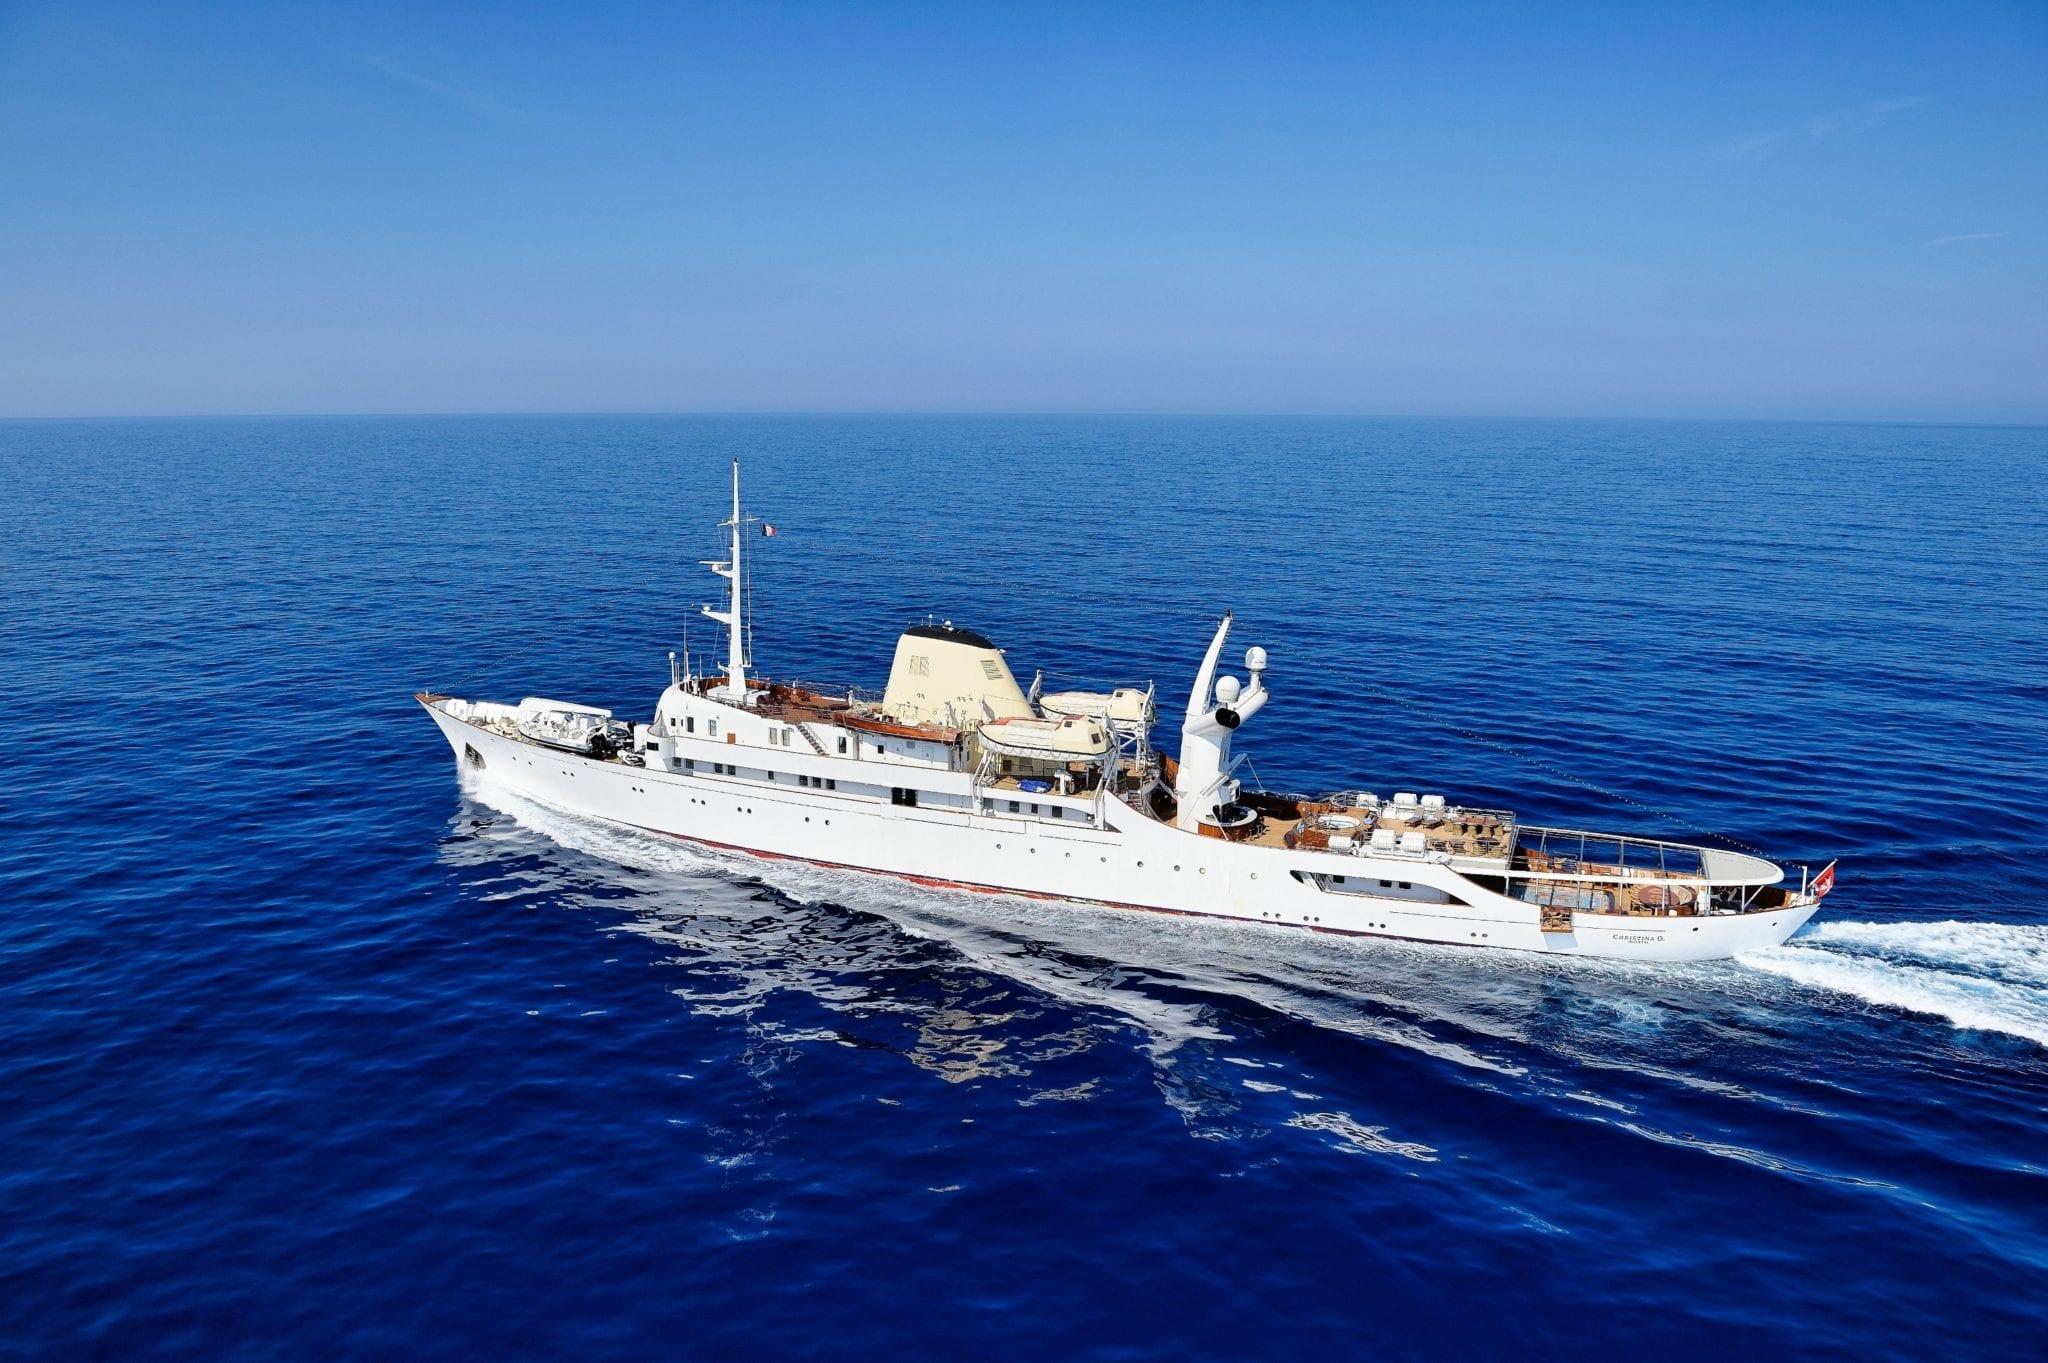 christina_o_118_©_stef bravin min -  Valef Yachts Chartering - 1144